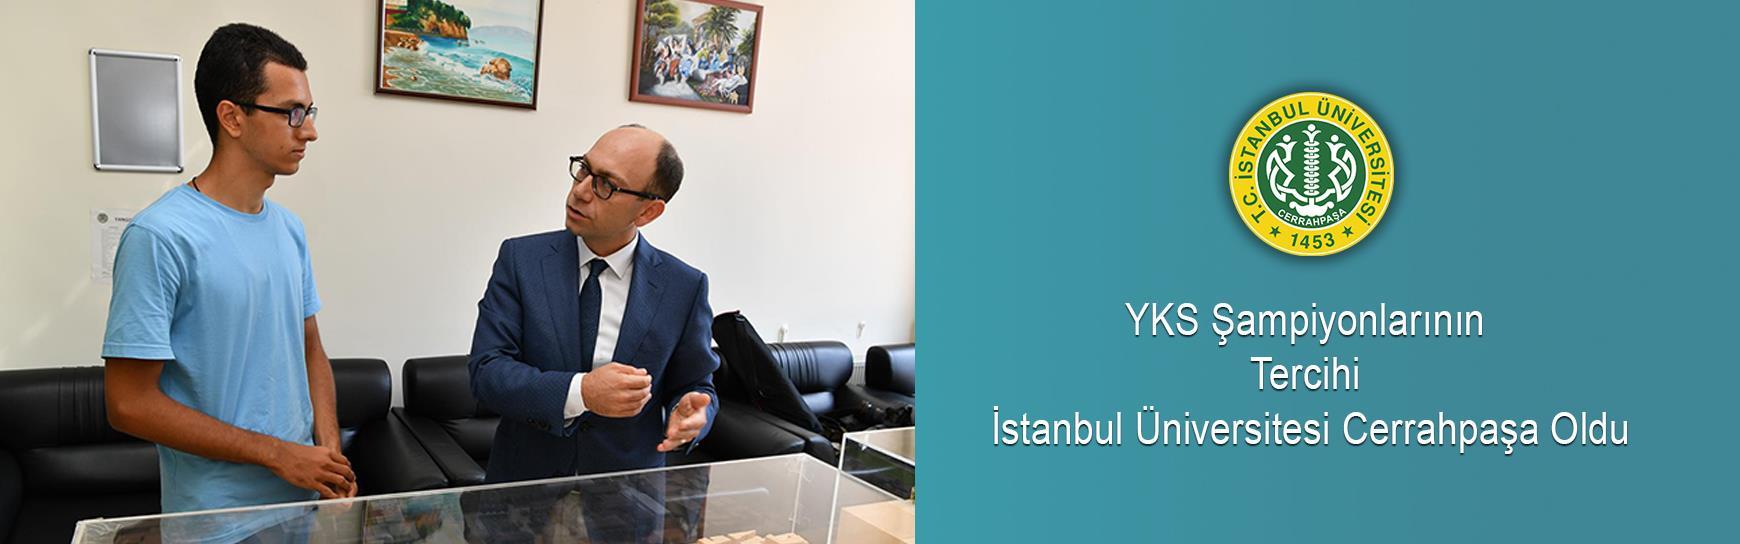 YKS-Şampiyonlarının-Tercihi-İstanbul-Üniversitesi-Cerrahpaşa-Oldu